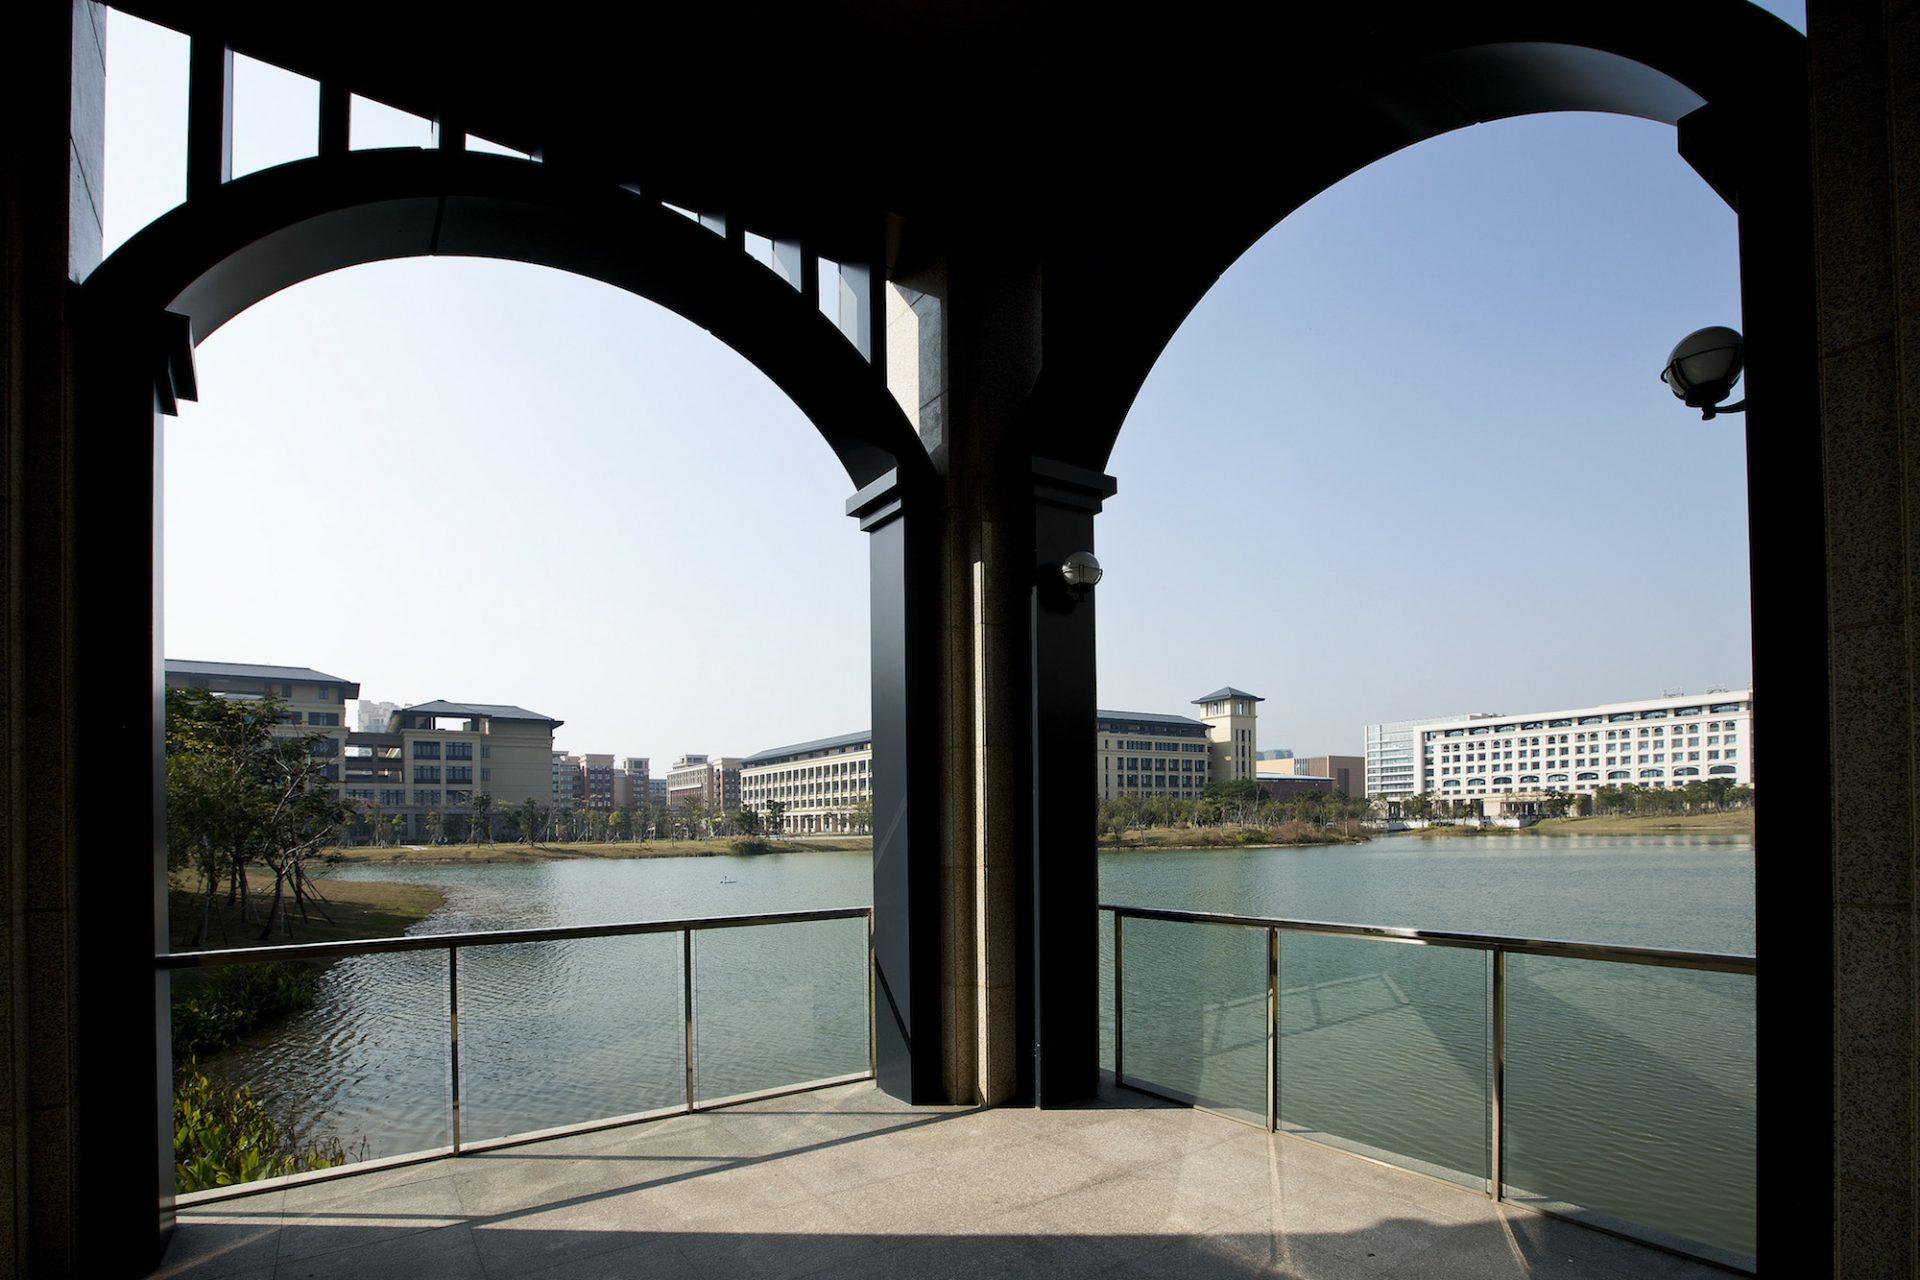 A oferta de cursos de português na Universidade de Macau